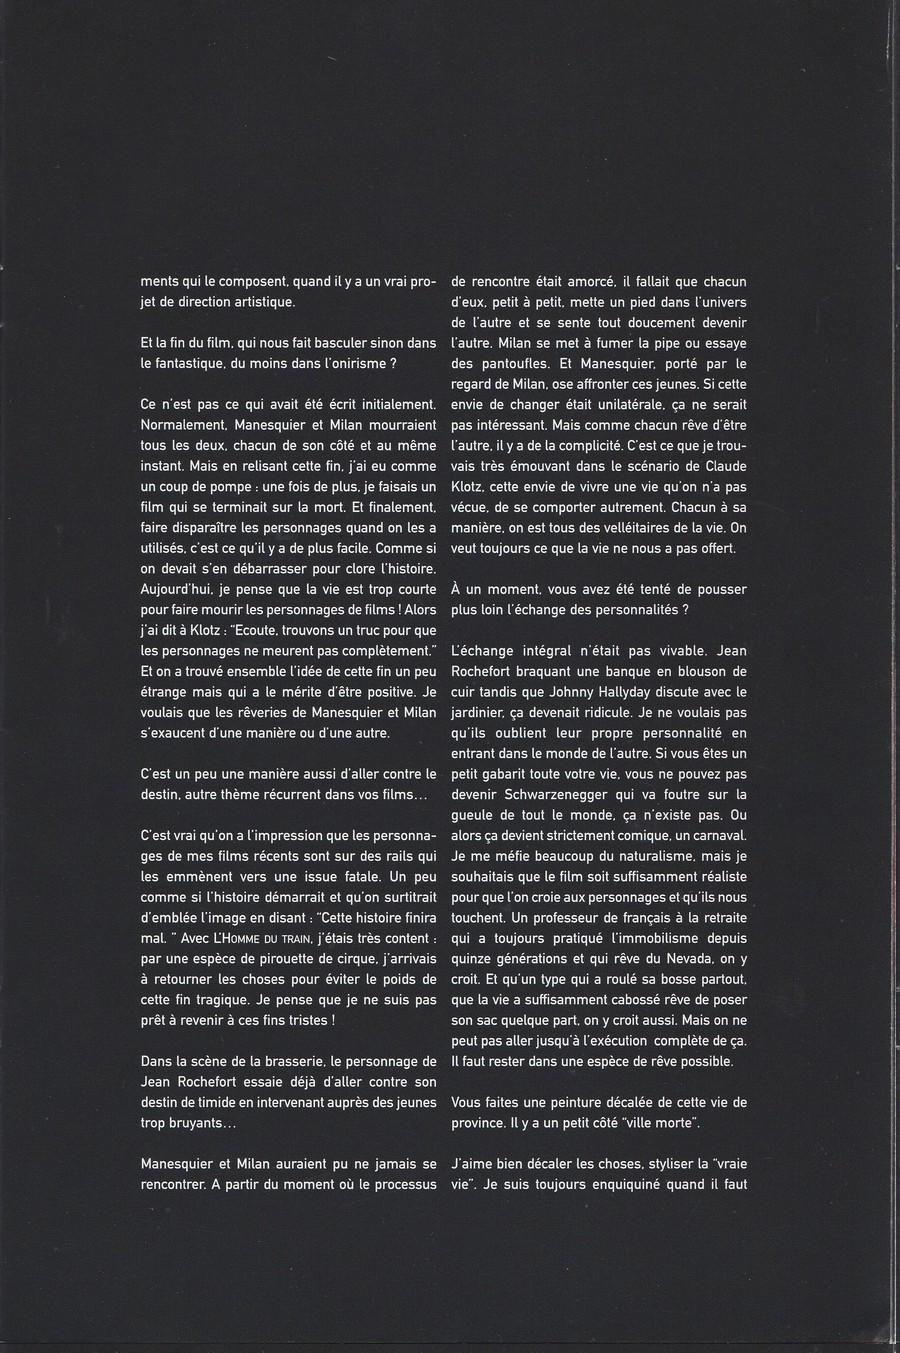 LES FILMS DE JOHNNY 'L'HOMME DU TRAIN' 2002 Img_2742